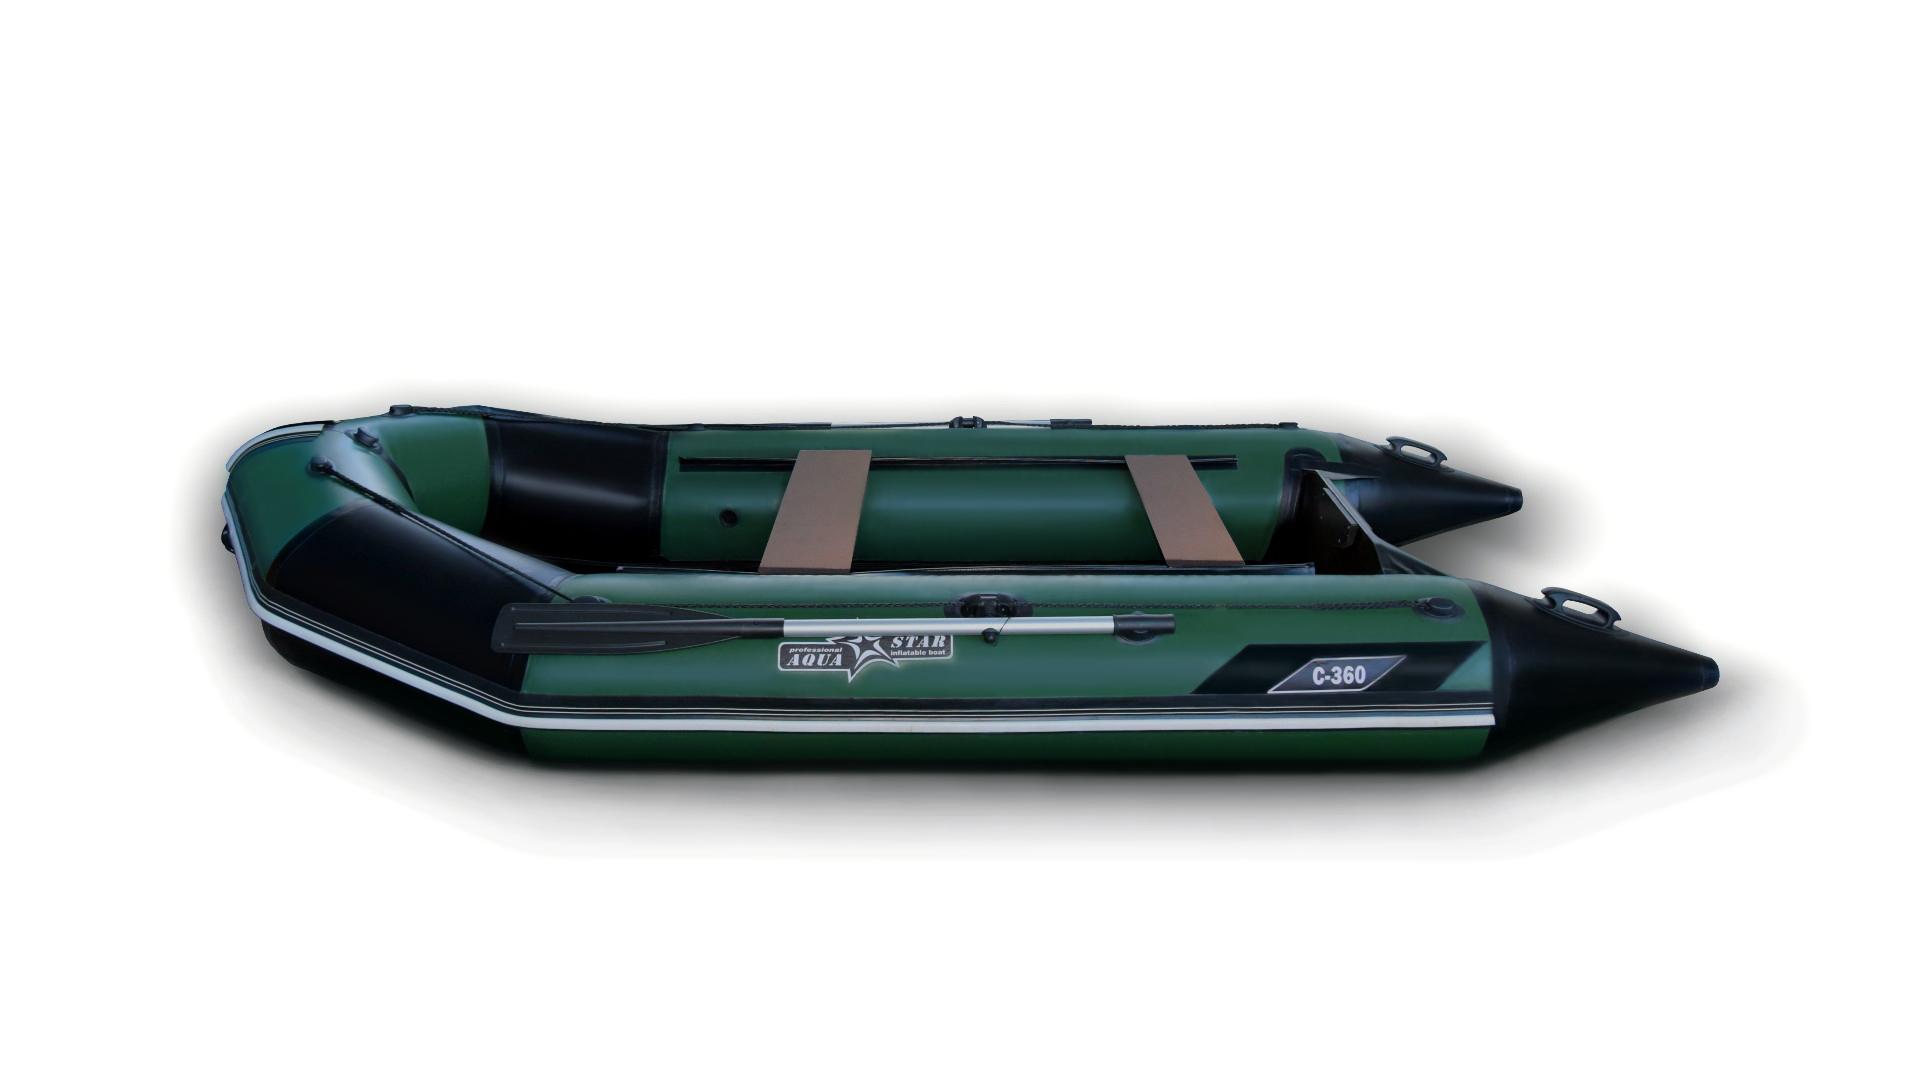 Моторная плоскодонная лодка CAIMAN C-360